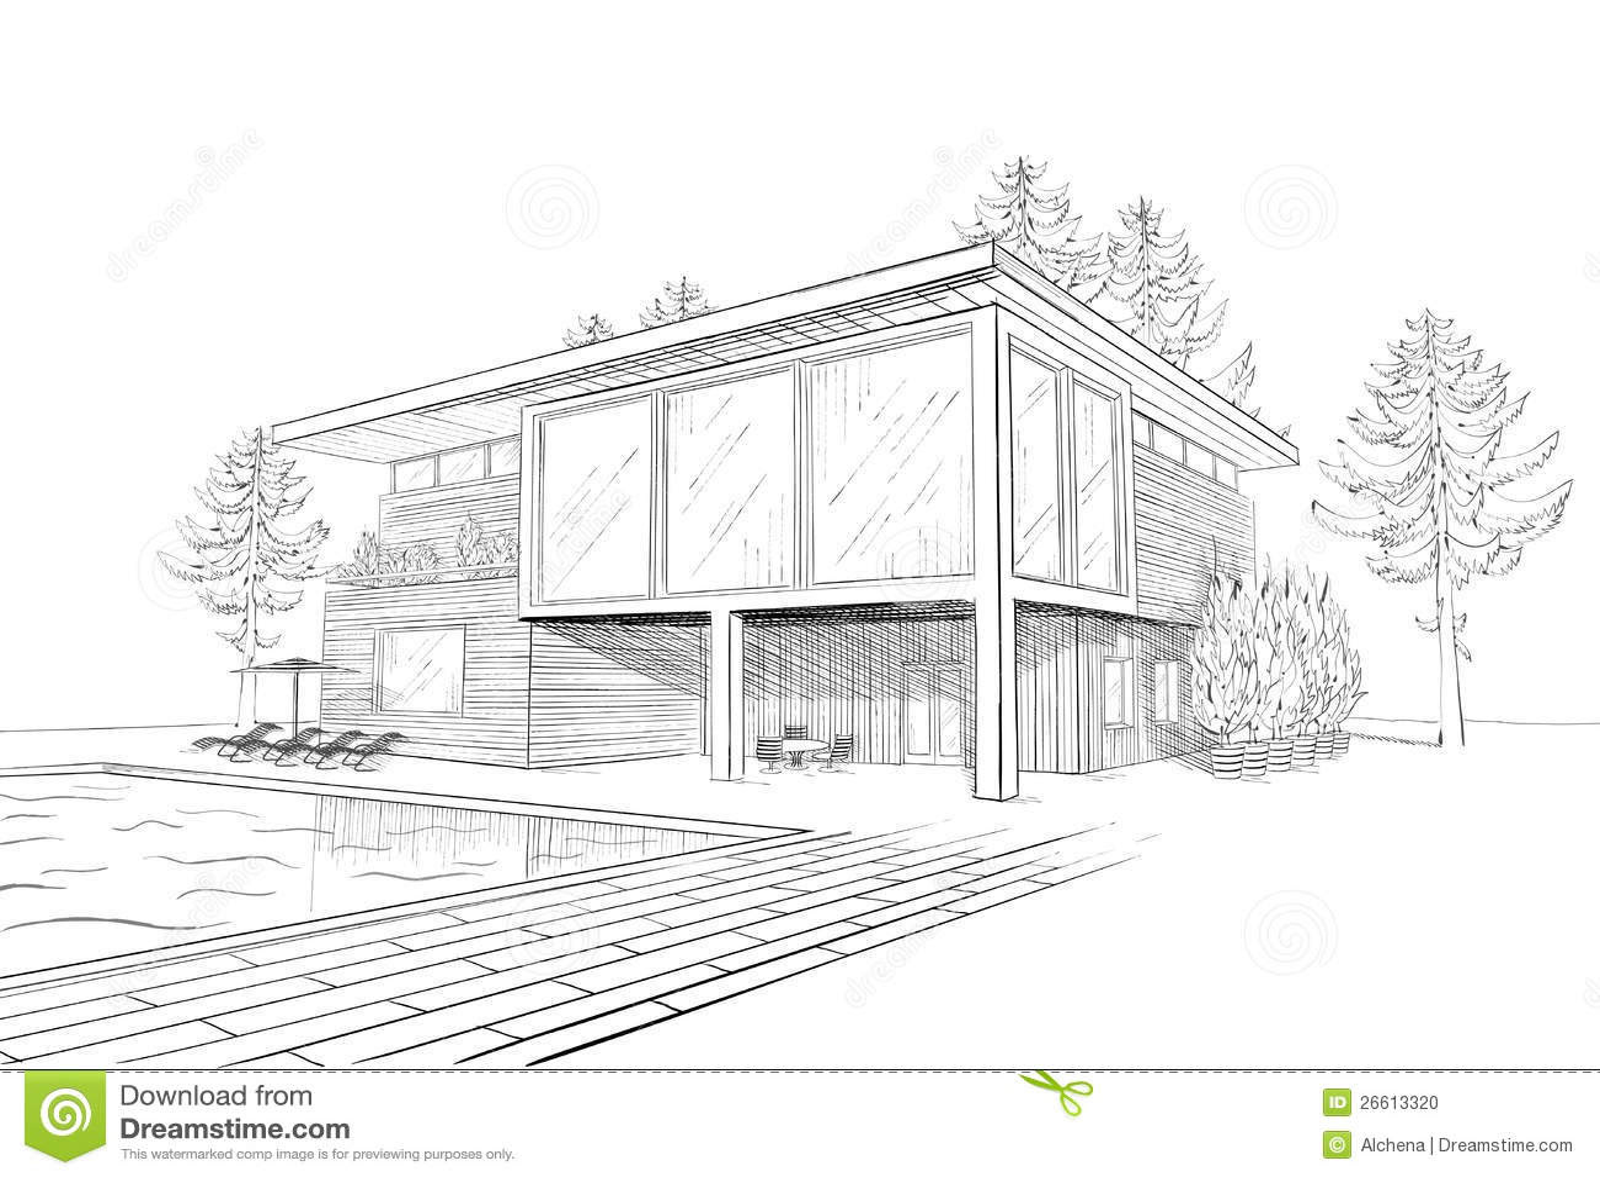 croquis noir et blanc de vecteur de maison en bois suburbaine moderne architecture moderne maison dessin